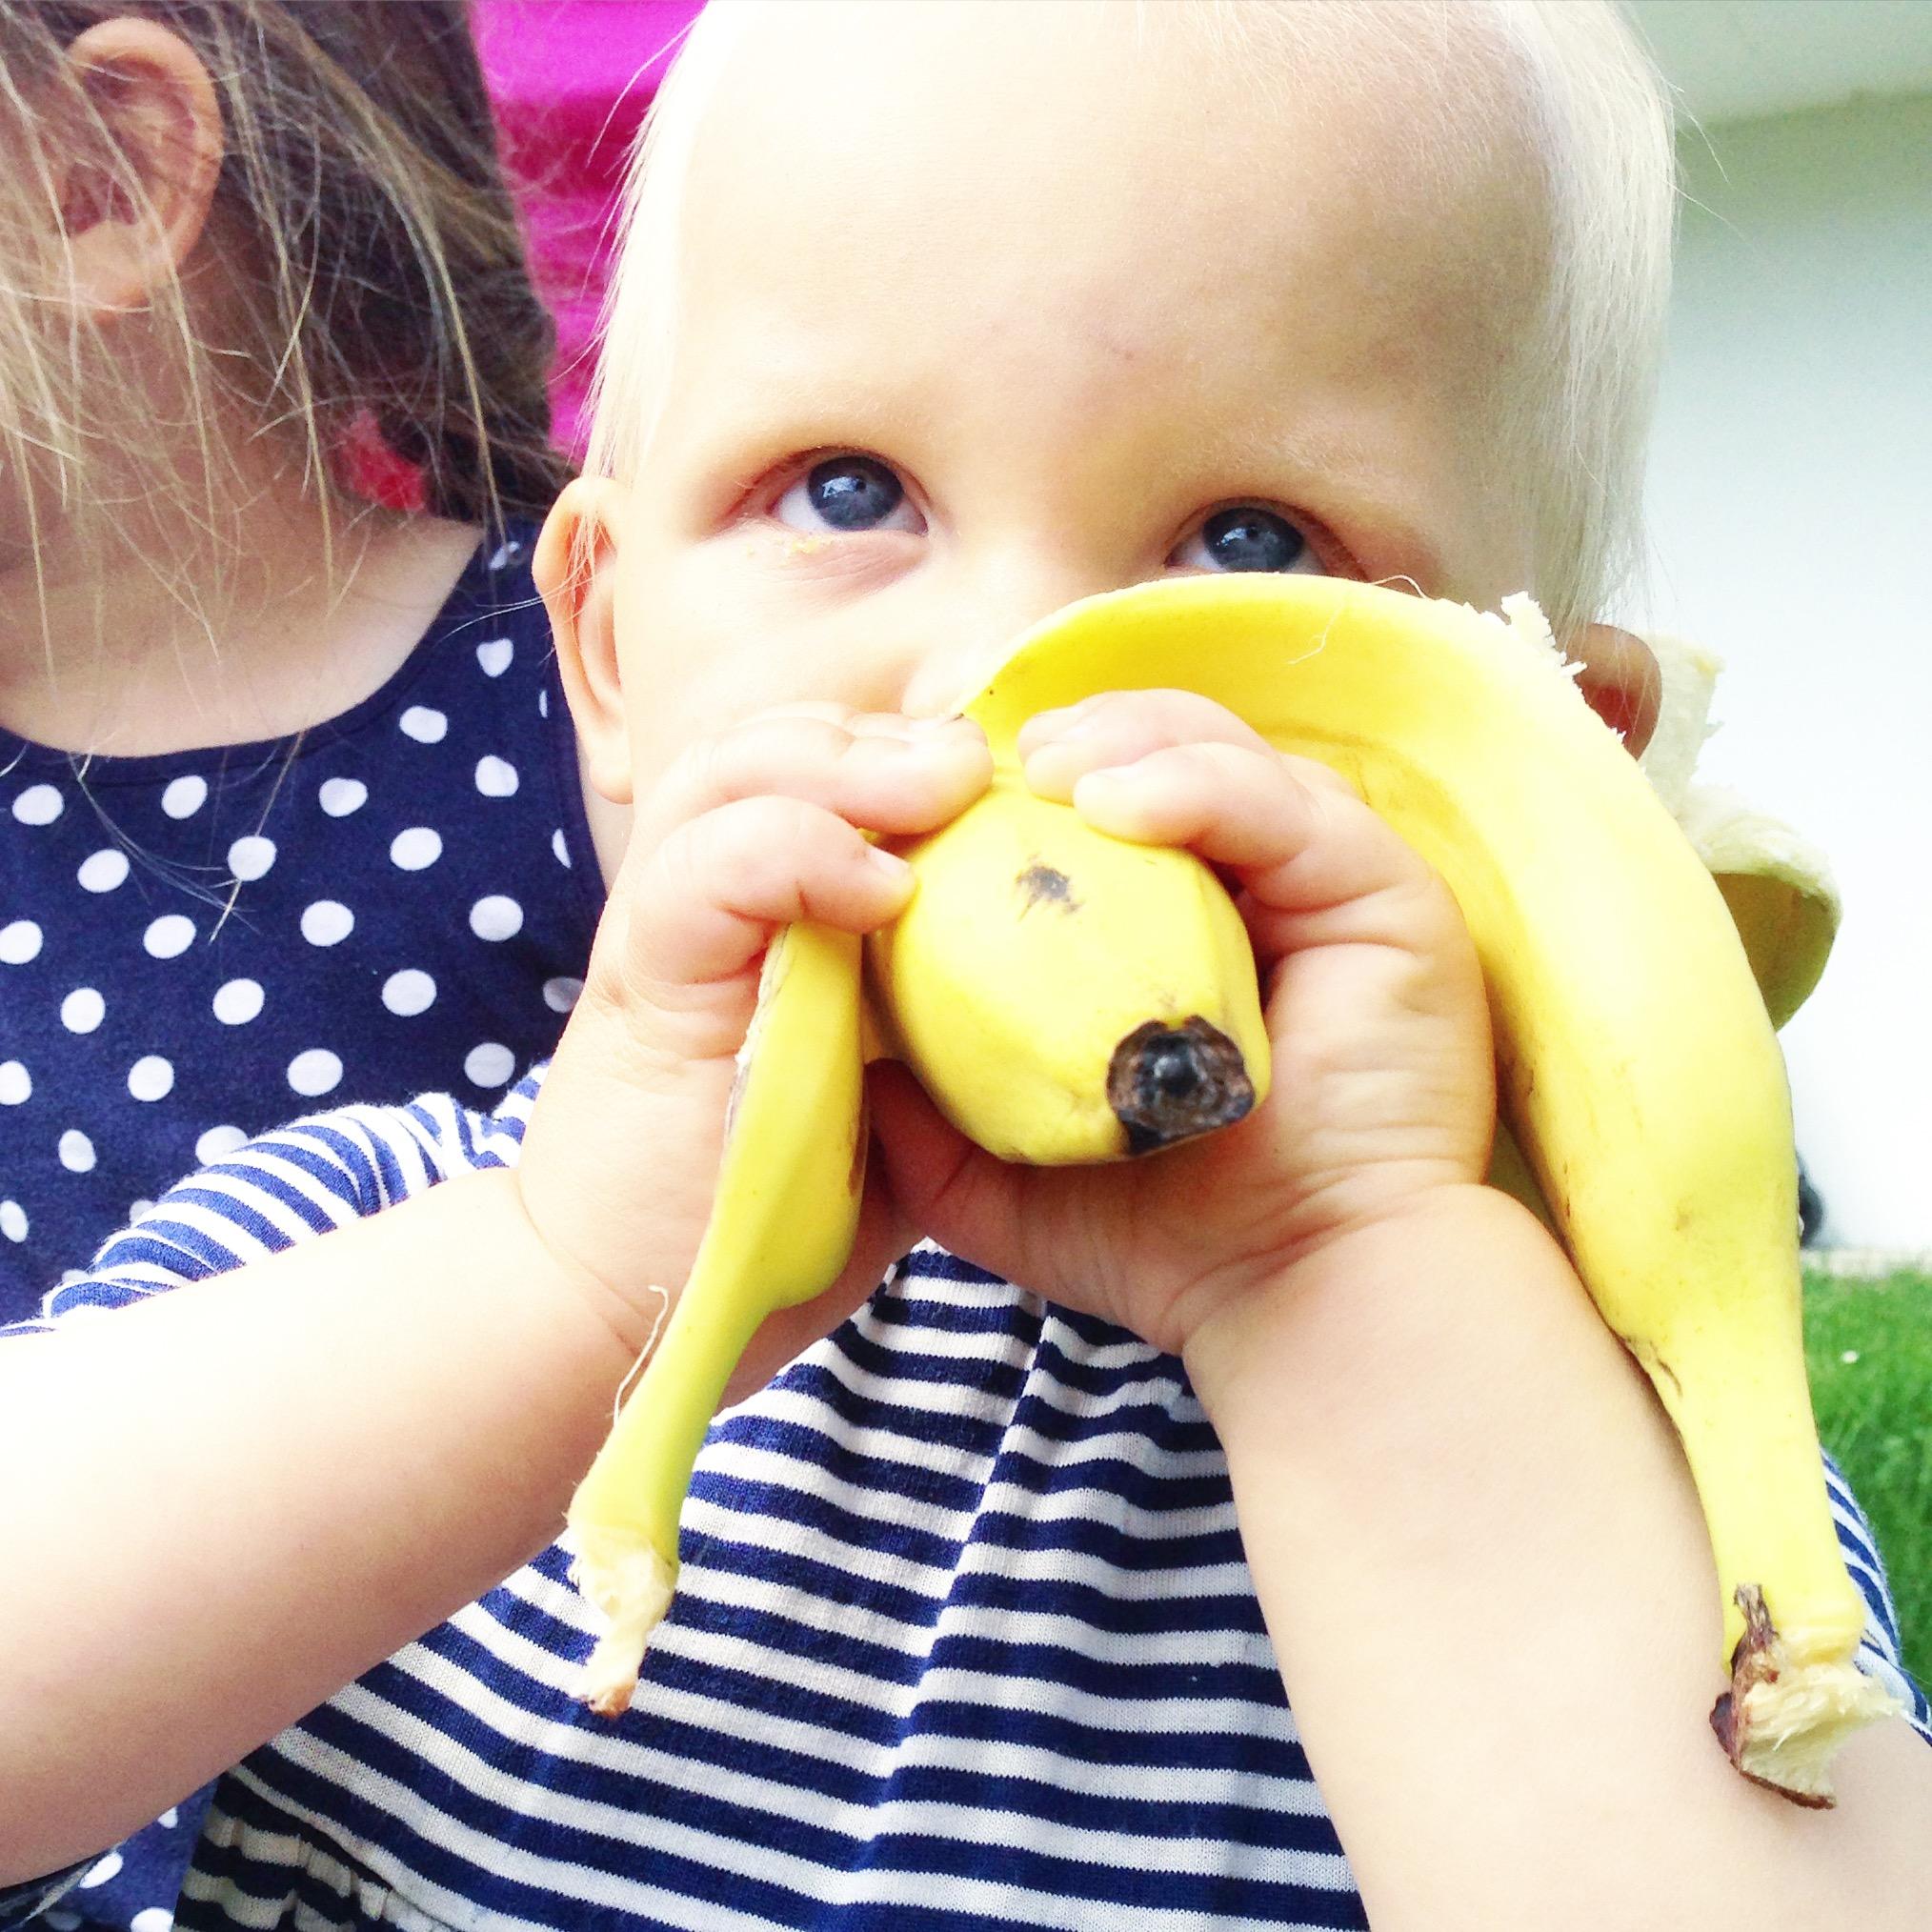 Liza eet inmiddels zelf haar banaan en dat is me toch relaxed. Het geeft een stuk minder troep!